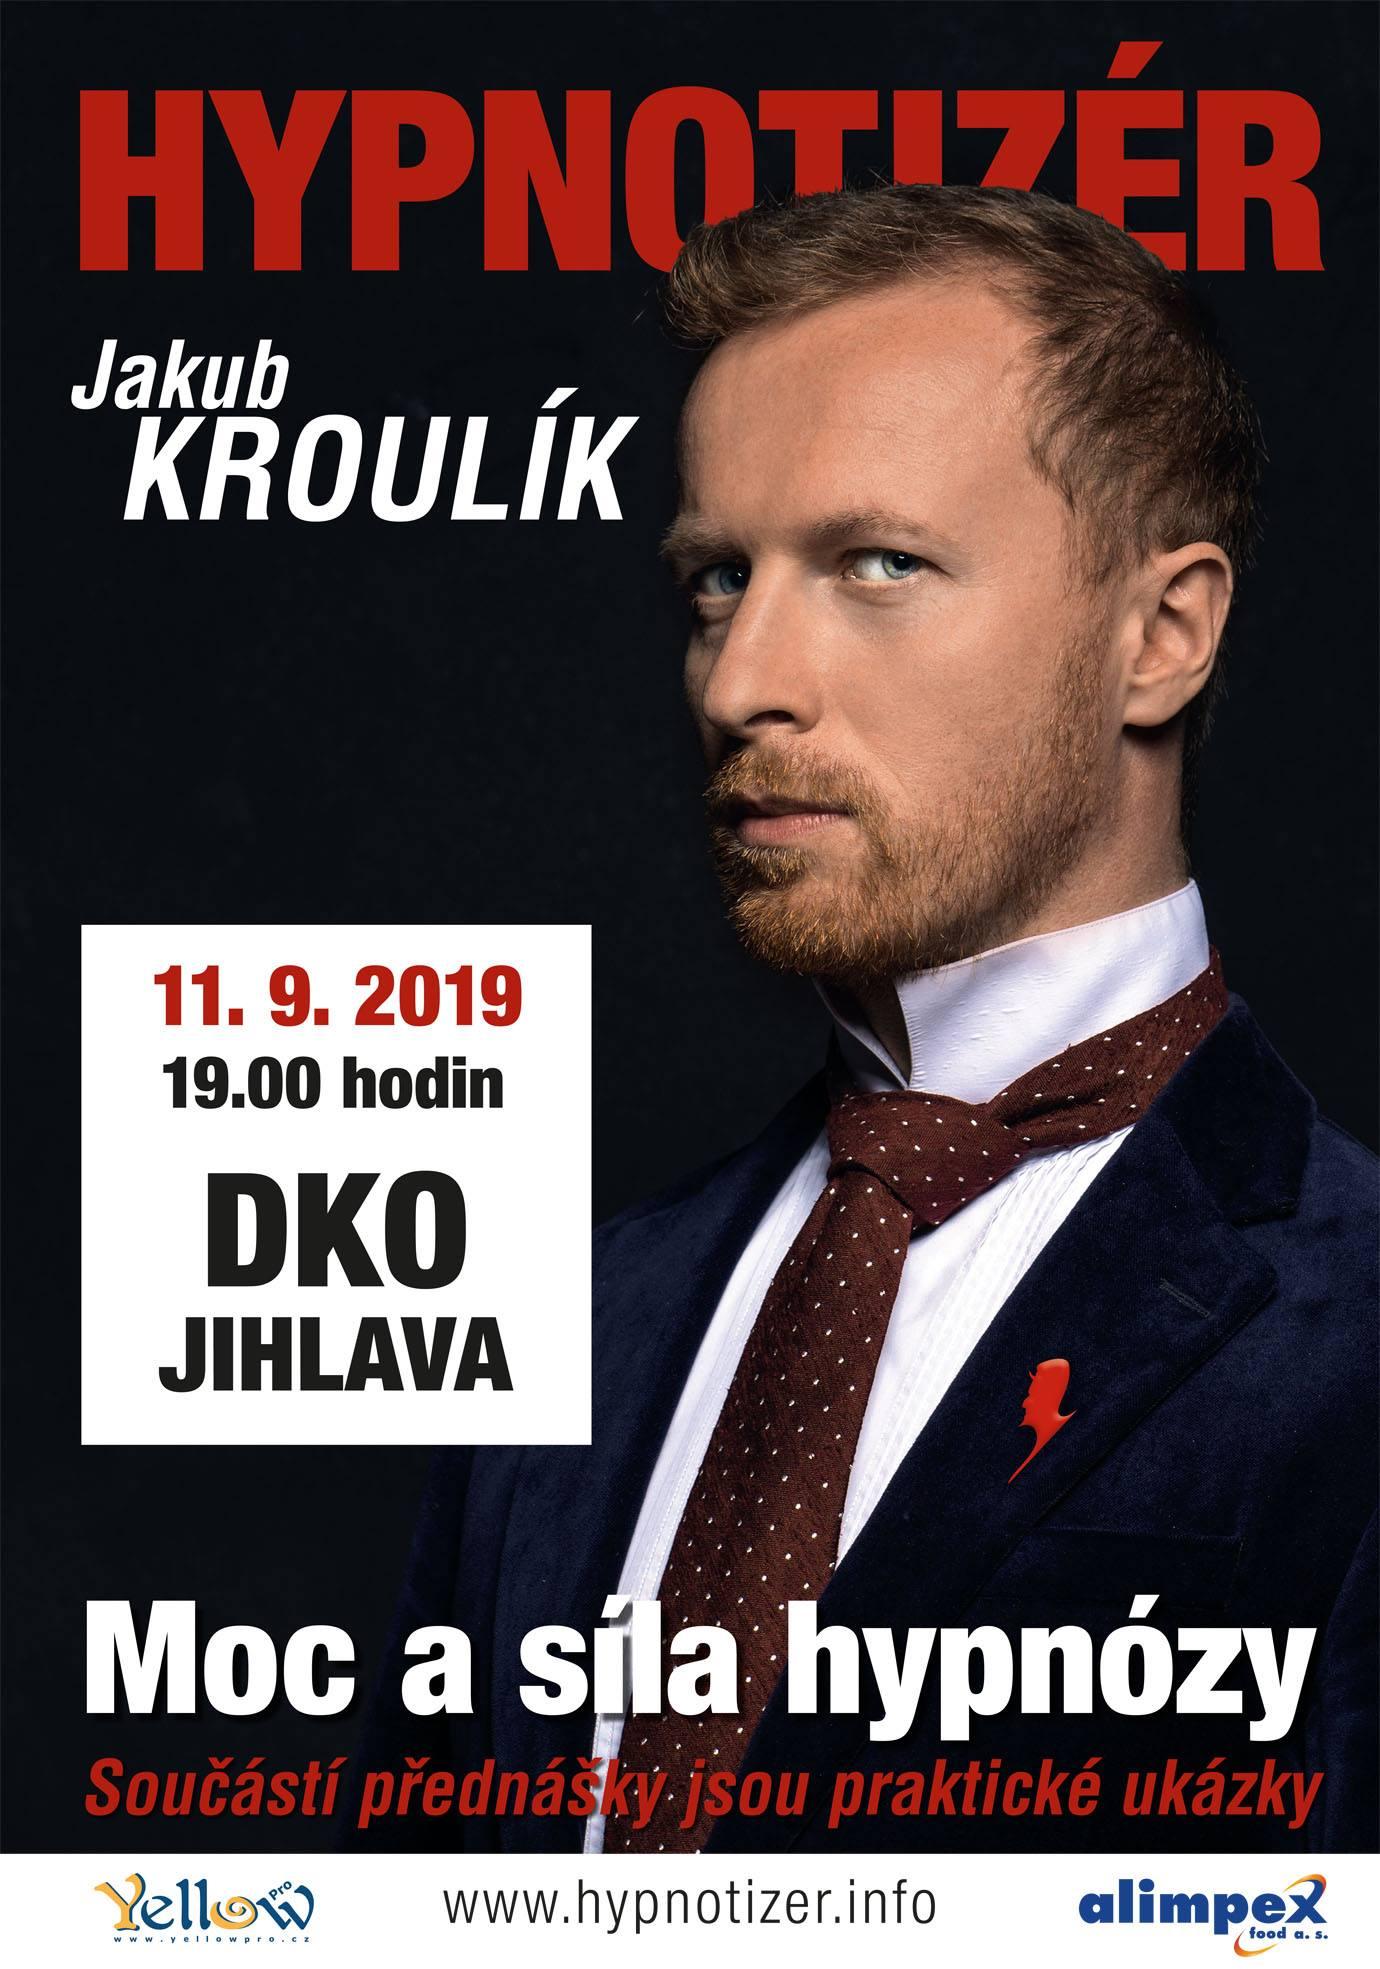 Hypnotizer Jakub Kroulik v Jihlave